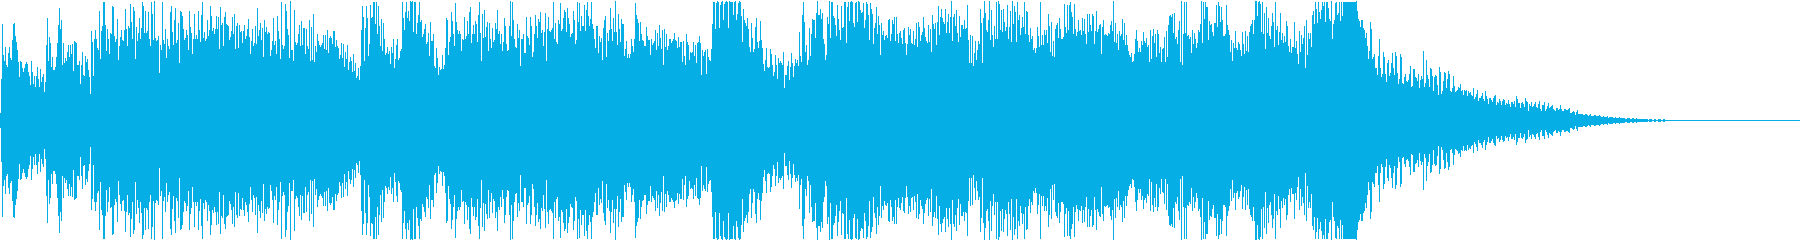 荘厳なオーケストラジングルの再生済みの波形